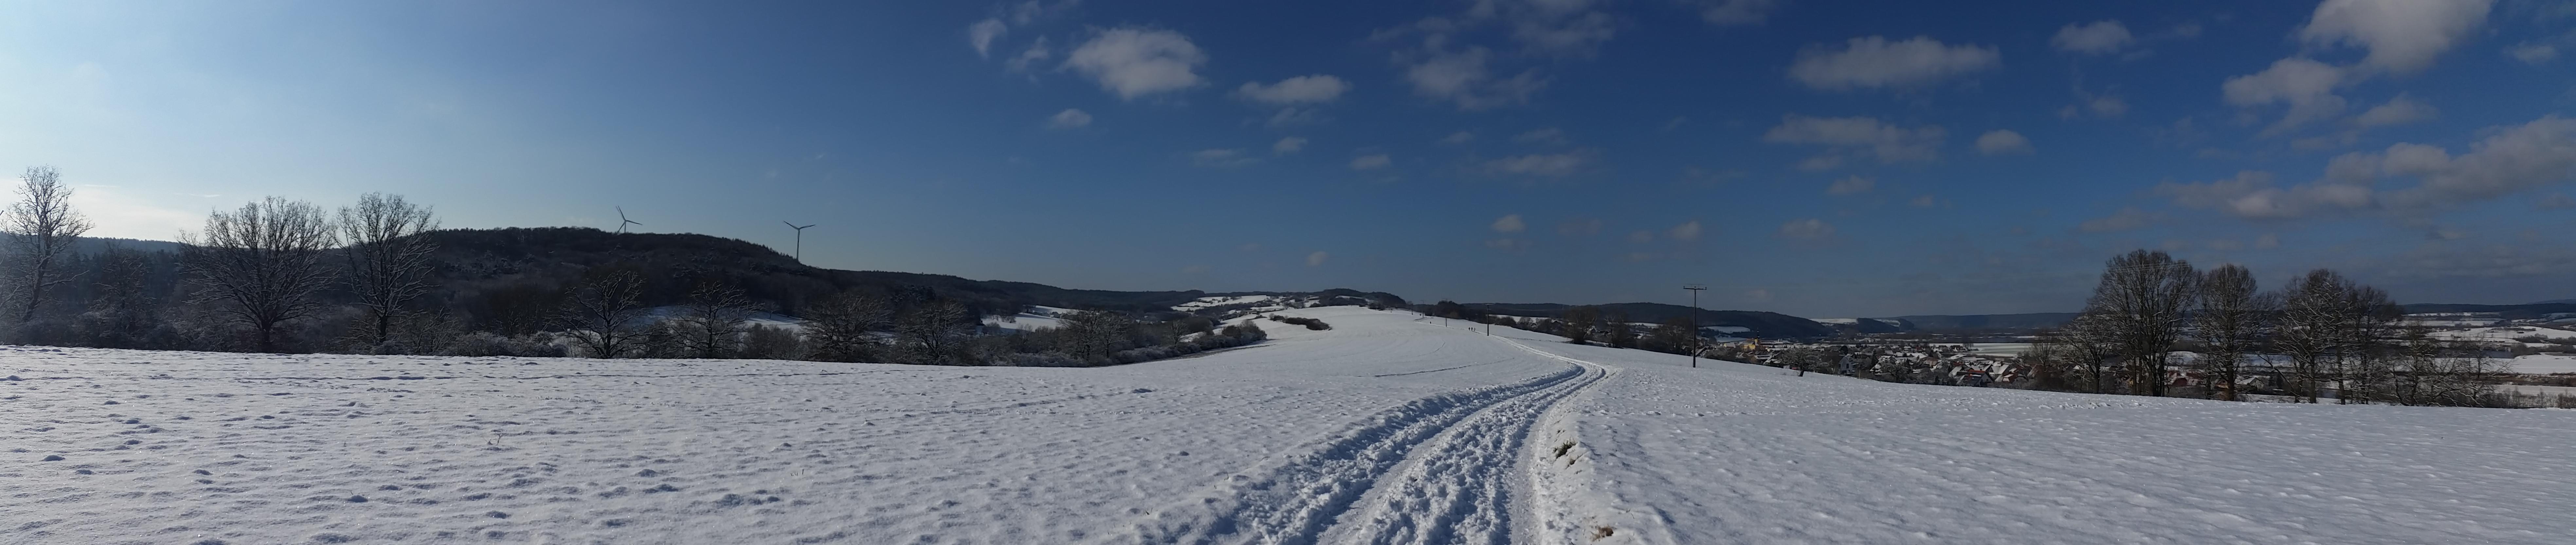 winterbild_5